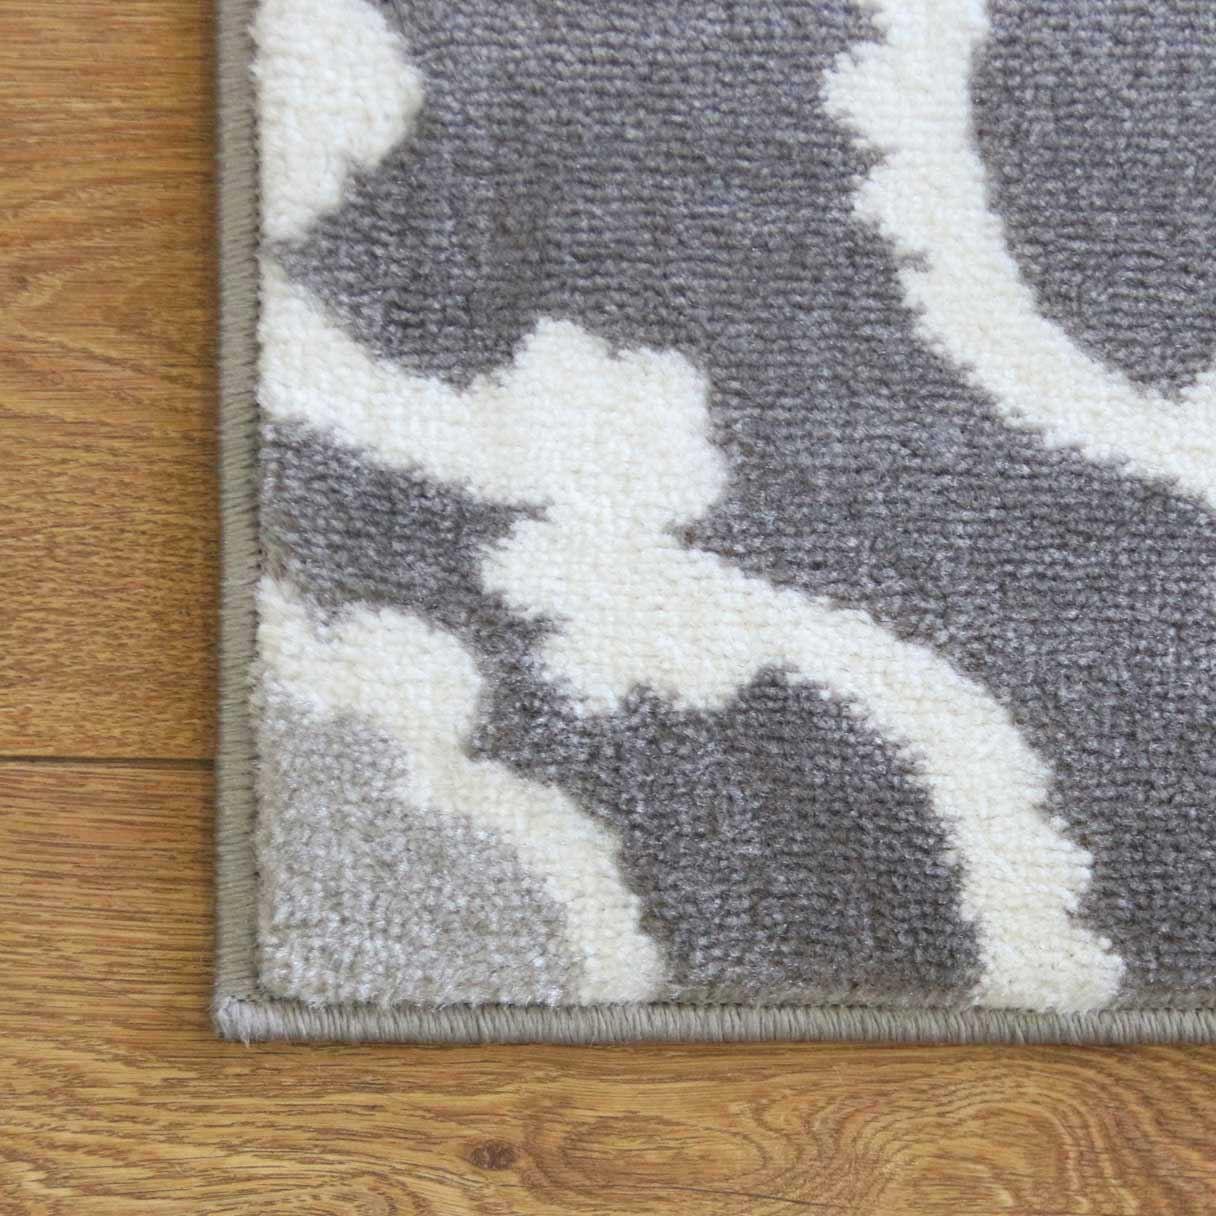 A2Z-grigio-grande-mix-di-moderni-tappeti-corridori-bianchi-a-contrasto-Traliccio-Design-Tappeti miniatura 6